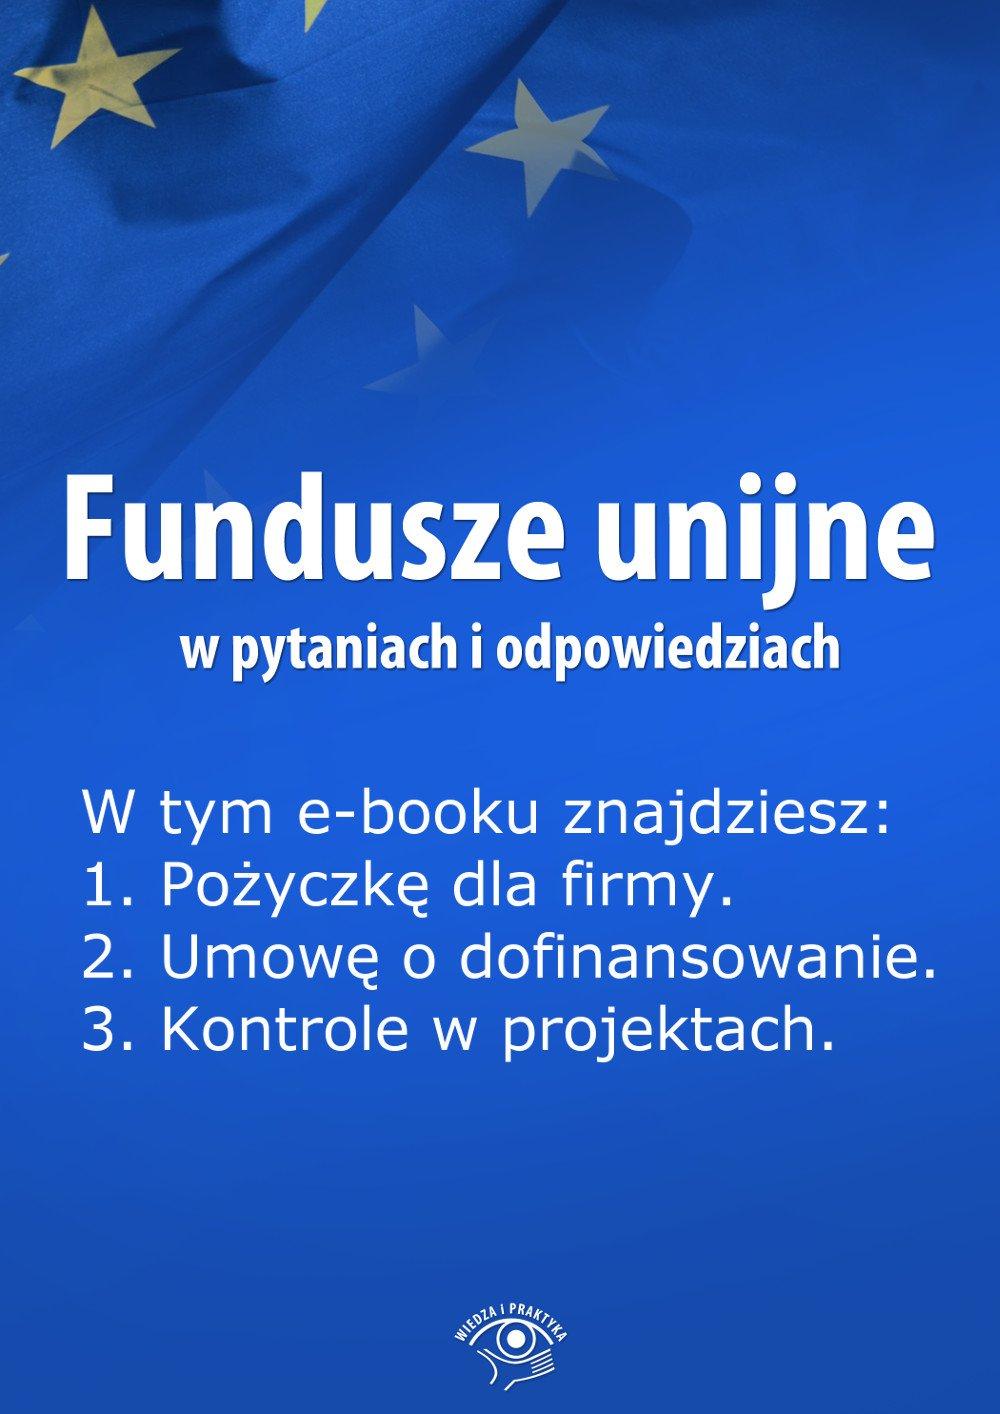 Fundusze unijne w pytaniach i odpowiedziach. Wydanie kwiecień 2014 r. - Ebook (Książka EPUB) do pobrania w formacie EPUB